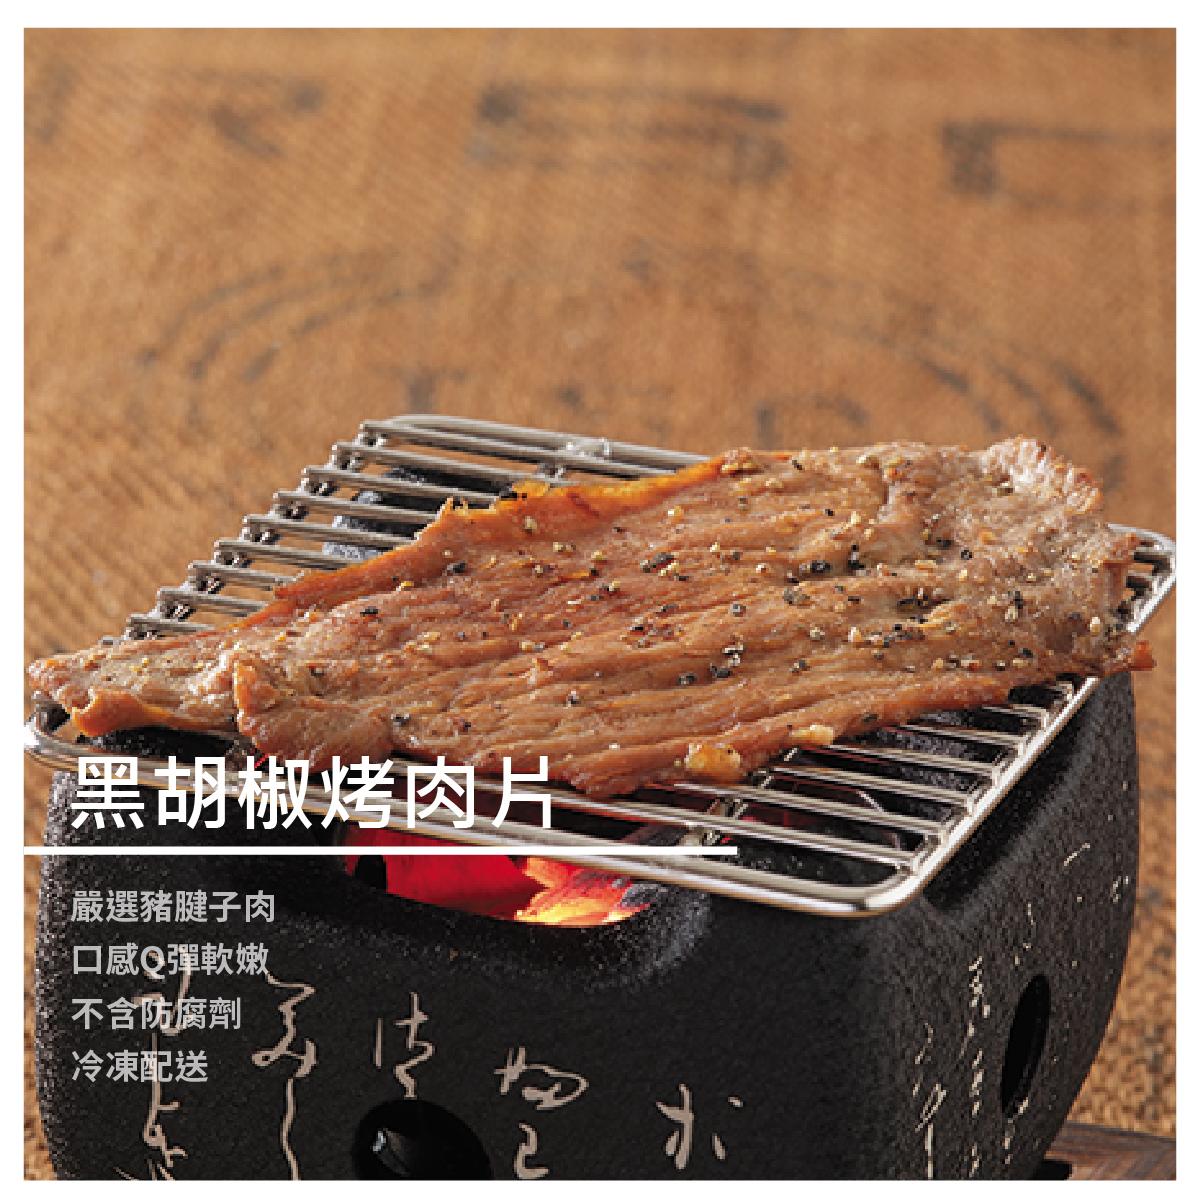 【合口味肉品】冷凍鮮食 - 黑胡椒烤肉片/600g